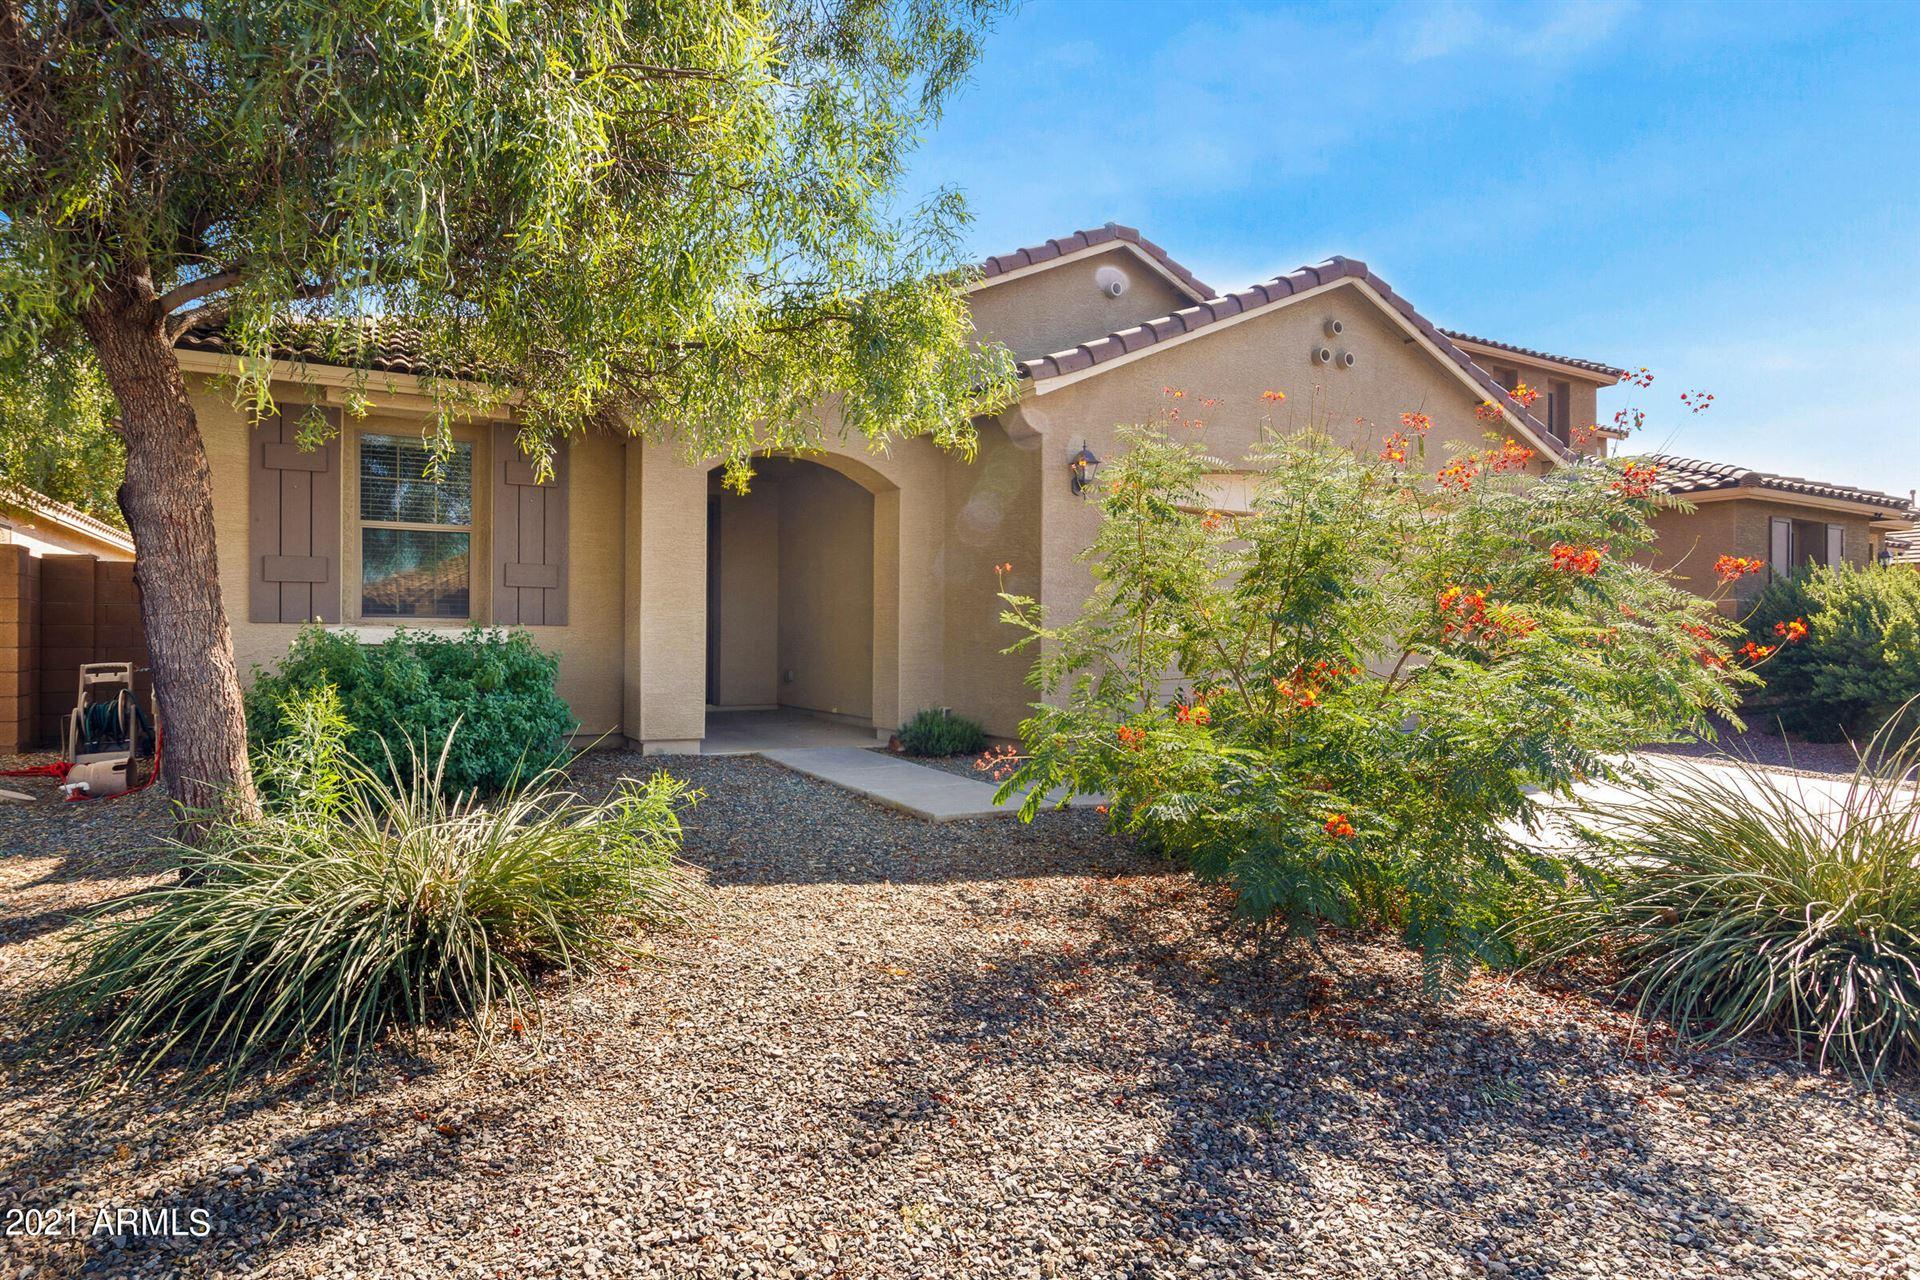 1241 W STEPHANIE Lane, San Tan Valley, AZ 85143 - #: 6290183